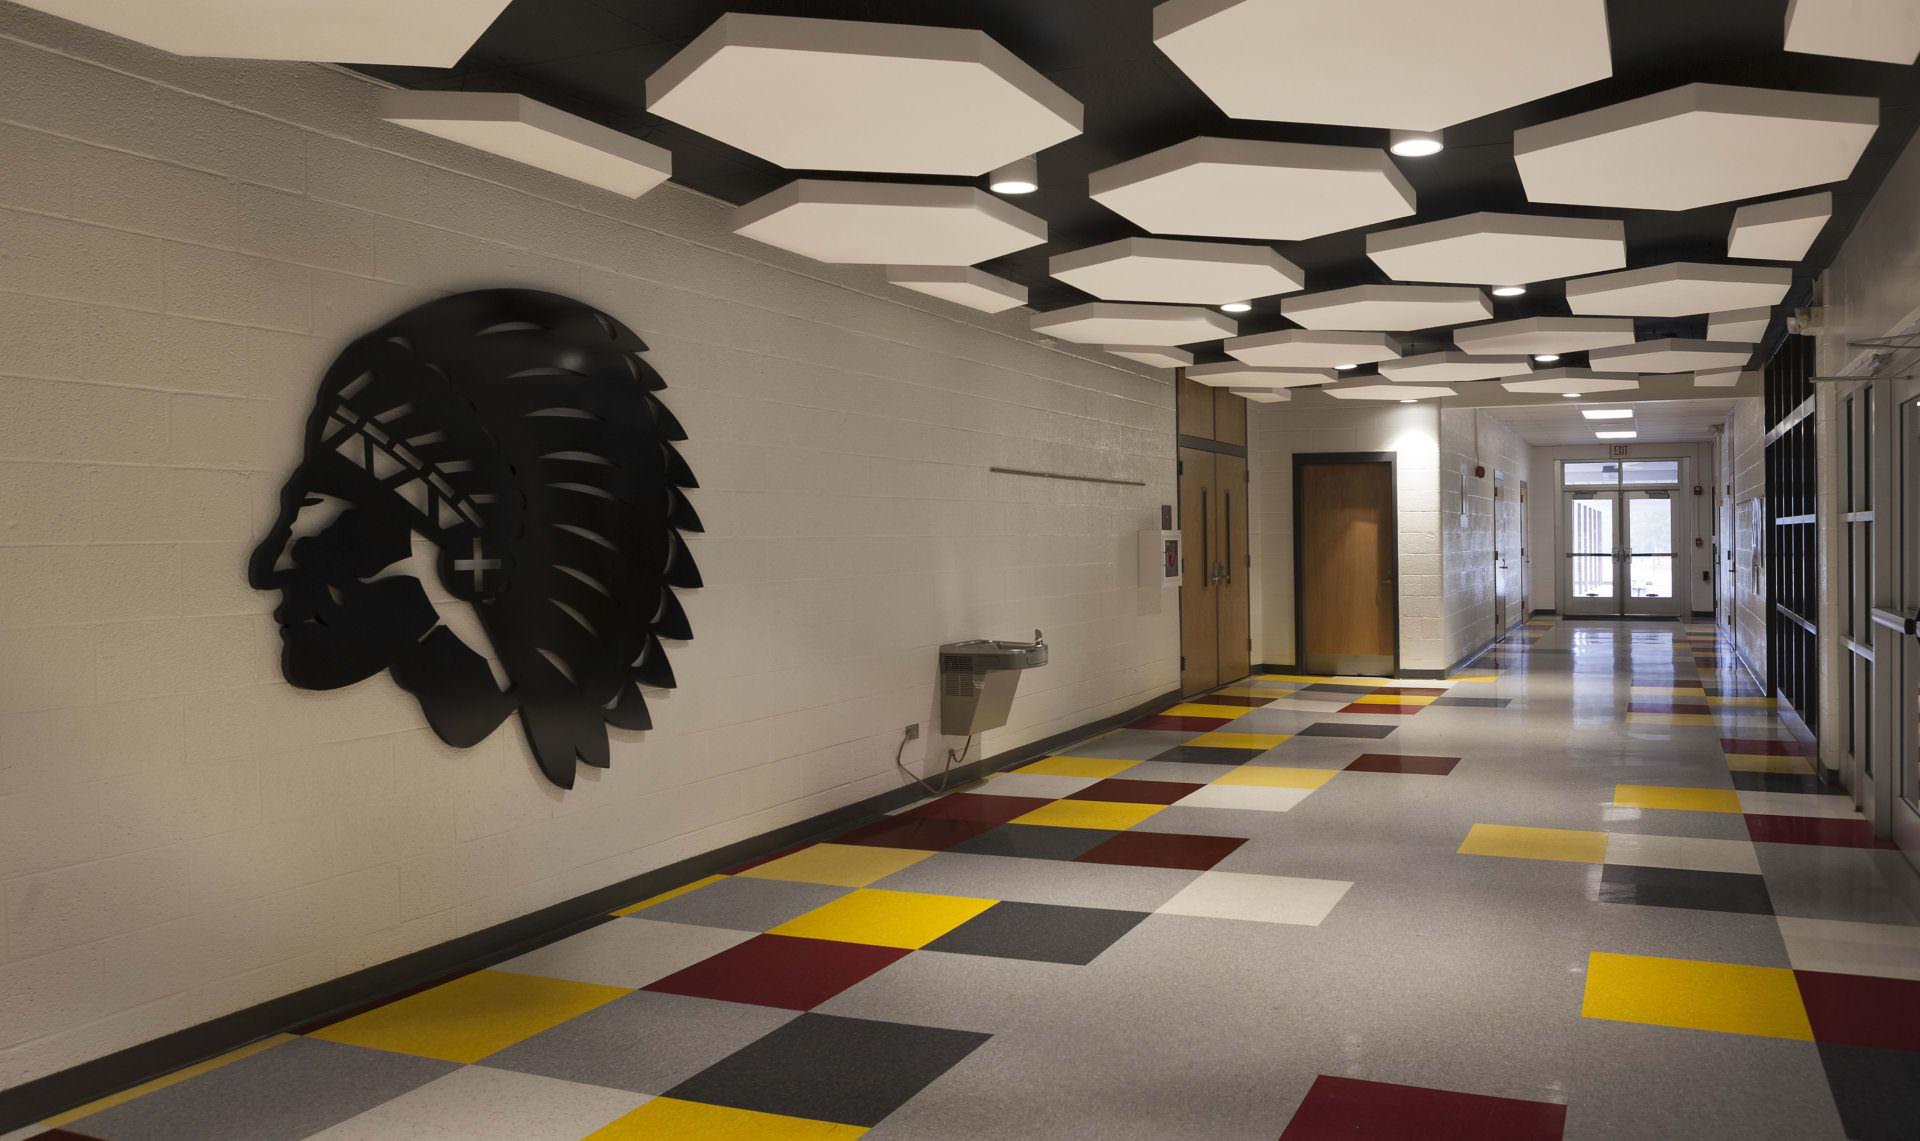 Belton Middle School Craig Gaulden Davis Architecture